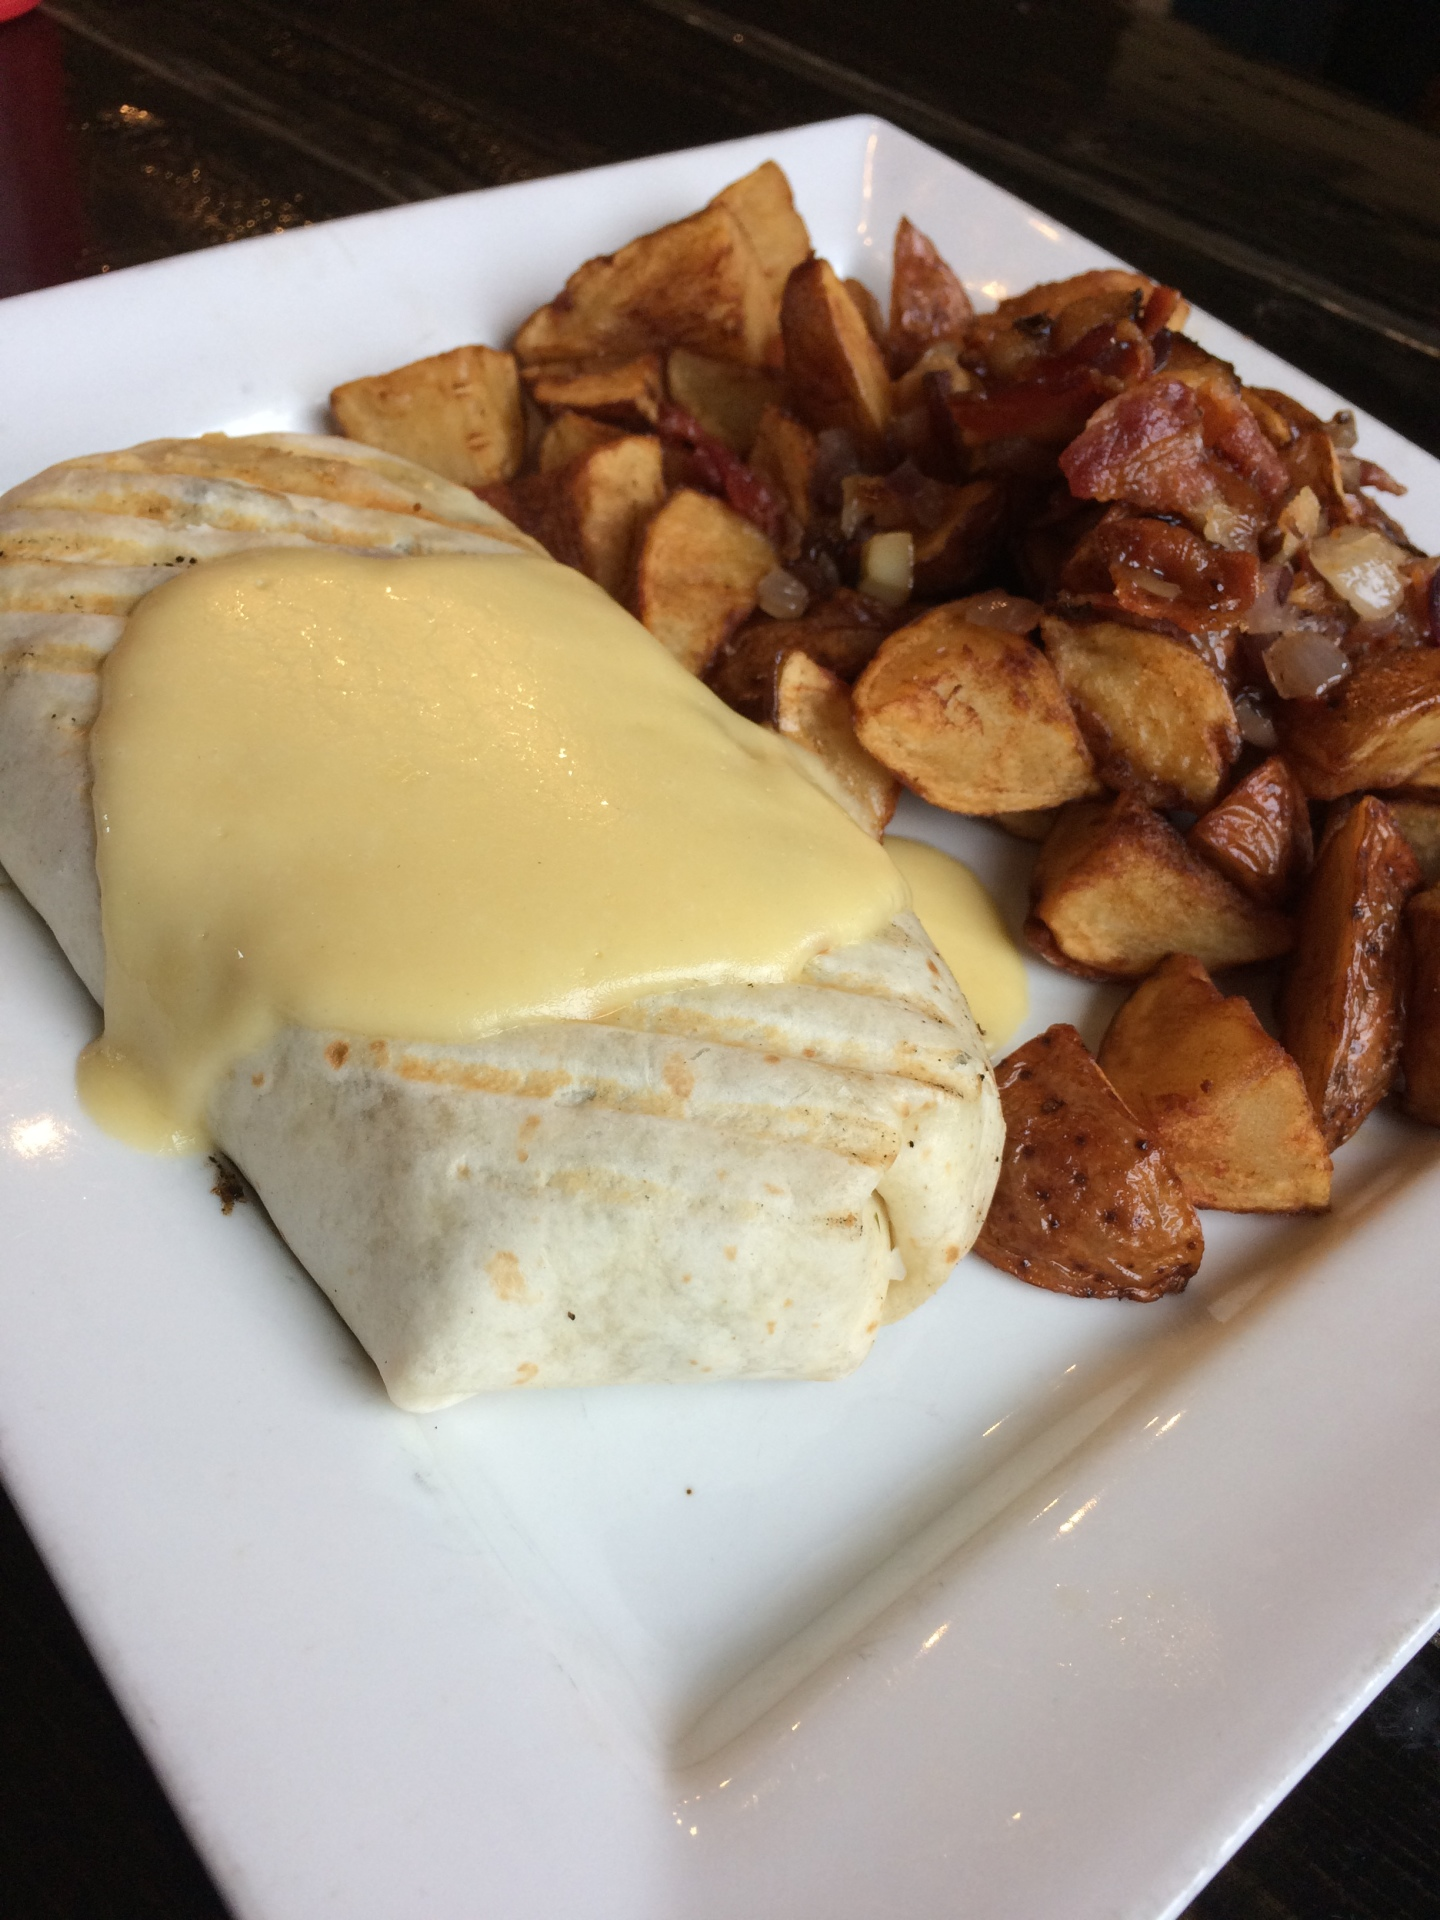 breakfast, brunch, burritos, egg, bacon, sausage, St. John's, best brunch in St. John's